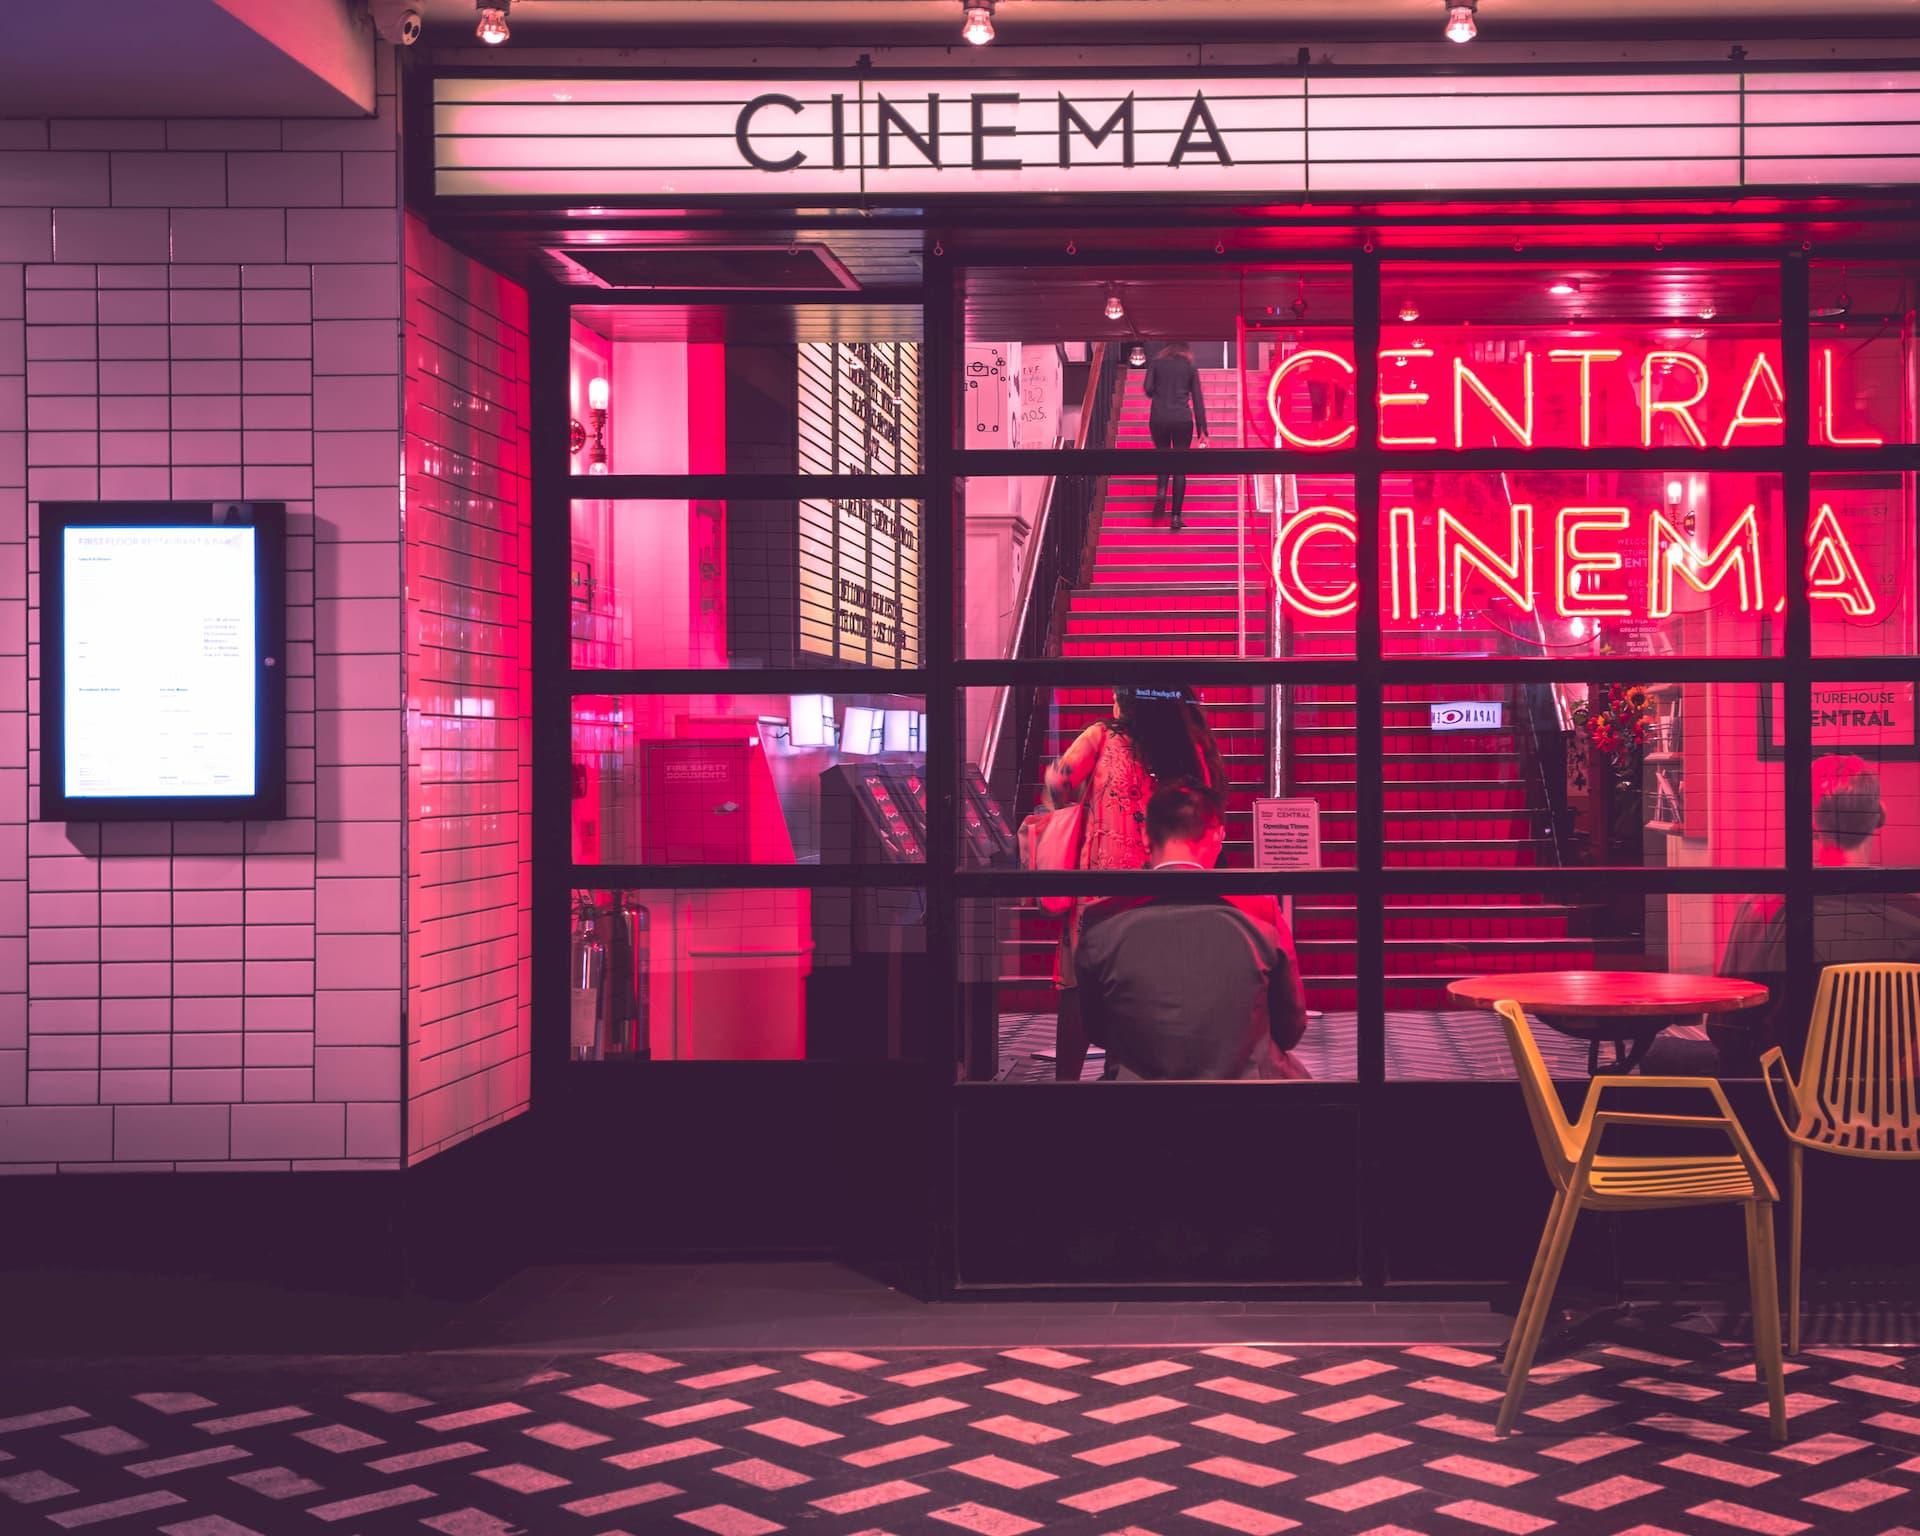 Premiere de neratat la cinema în martie